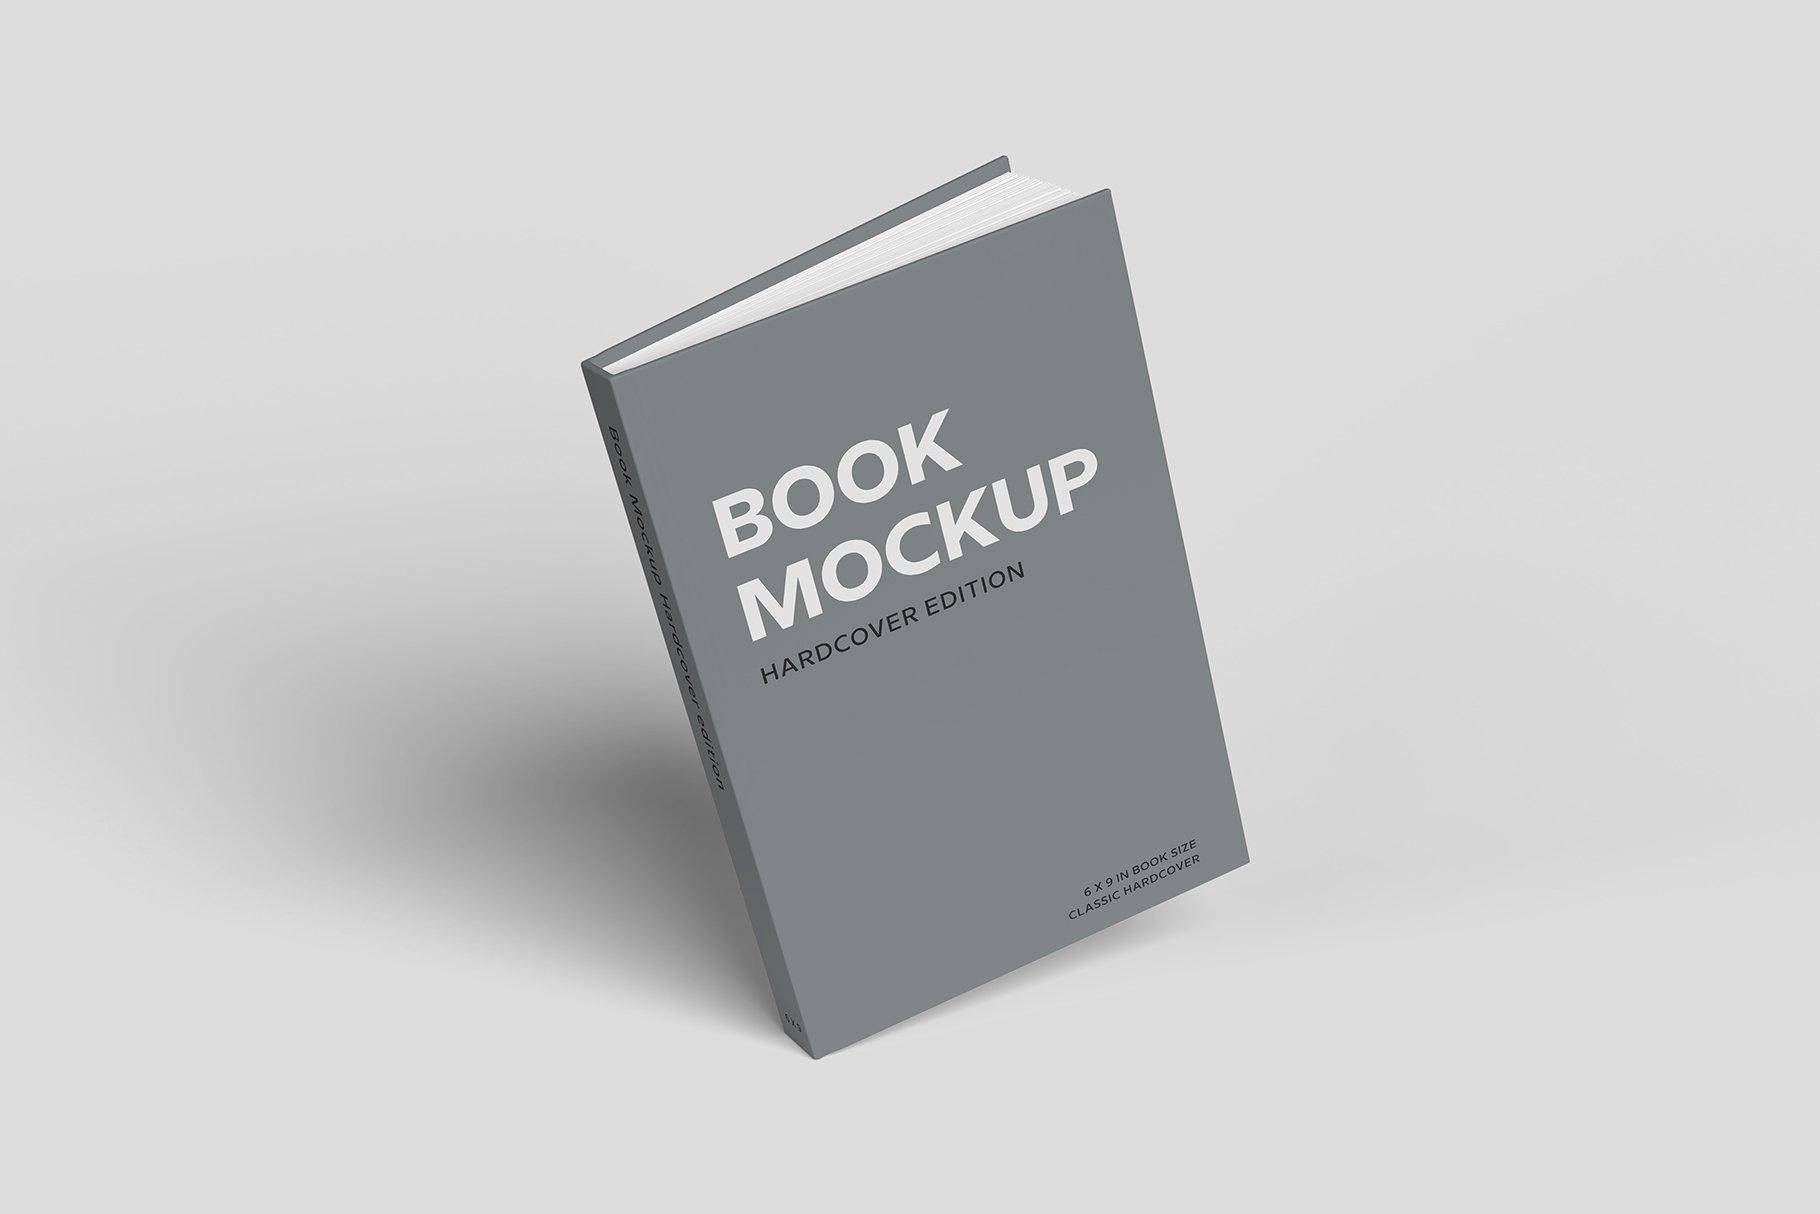 精装书硬皮书画册设计展示贴图样机 Hardcover Book Mockup插图2